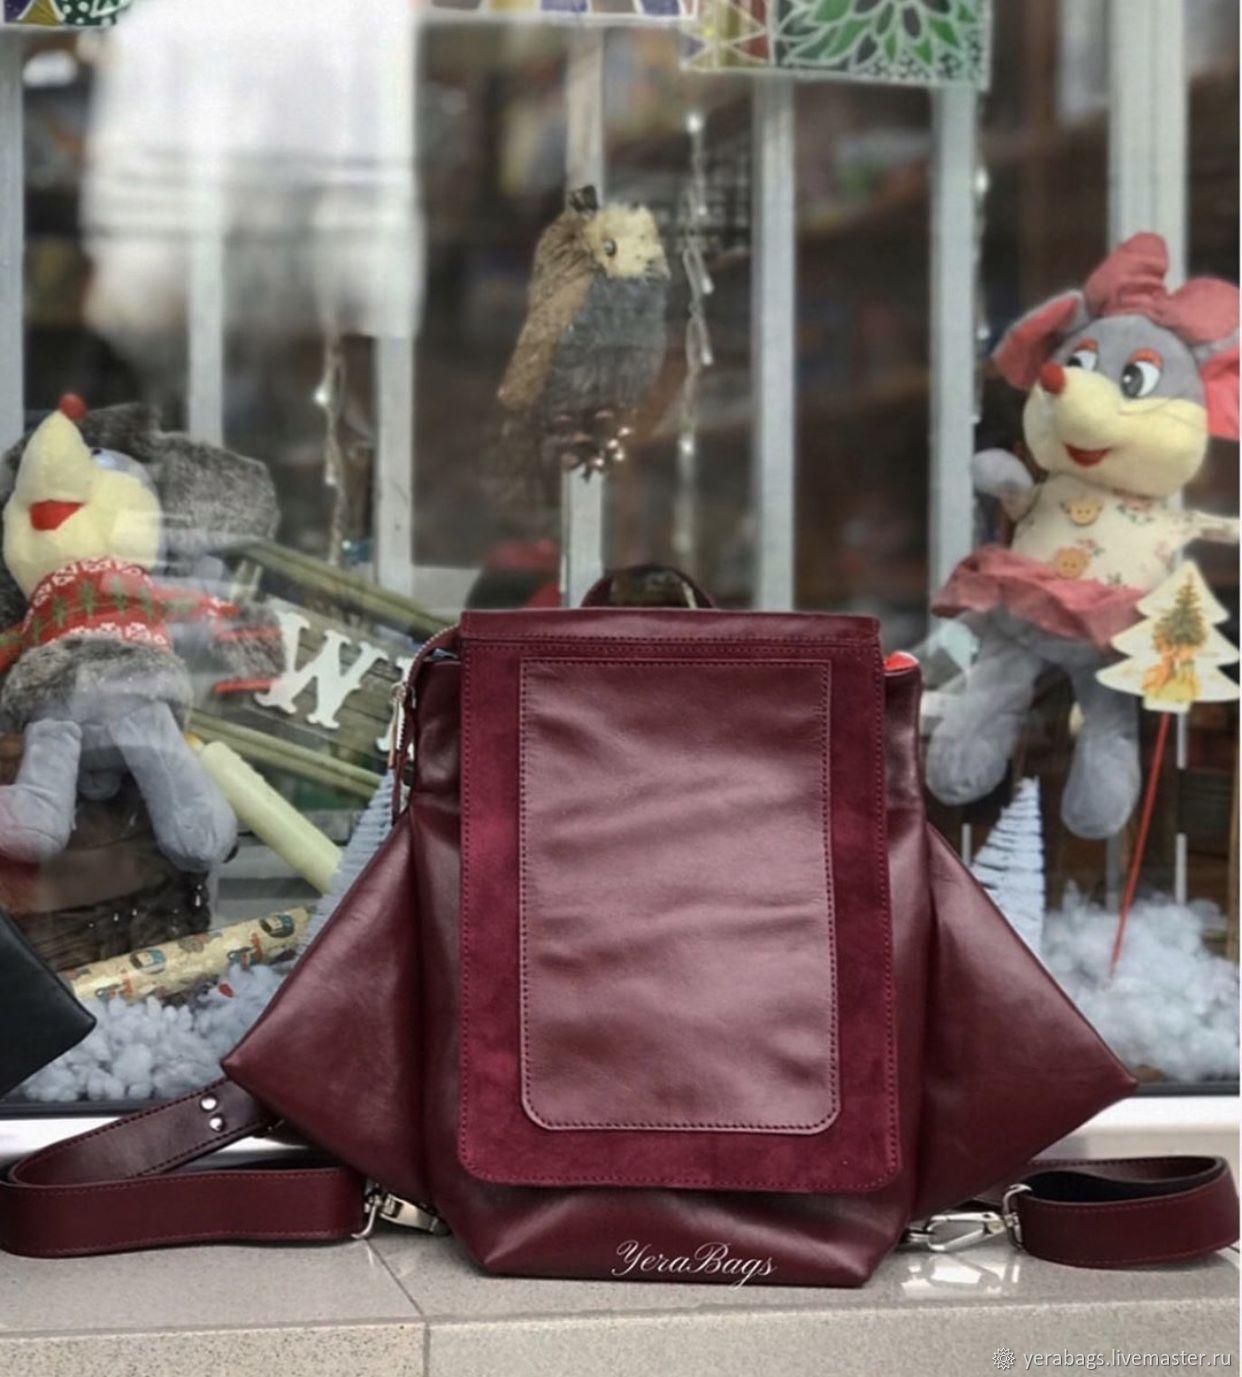 Бордовый рюкзак, Рюкзаки, Ереван,  Фото №1